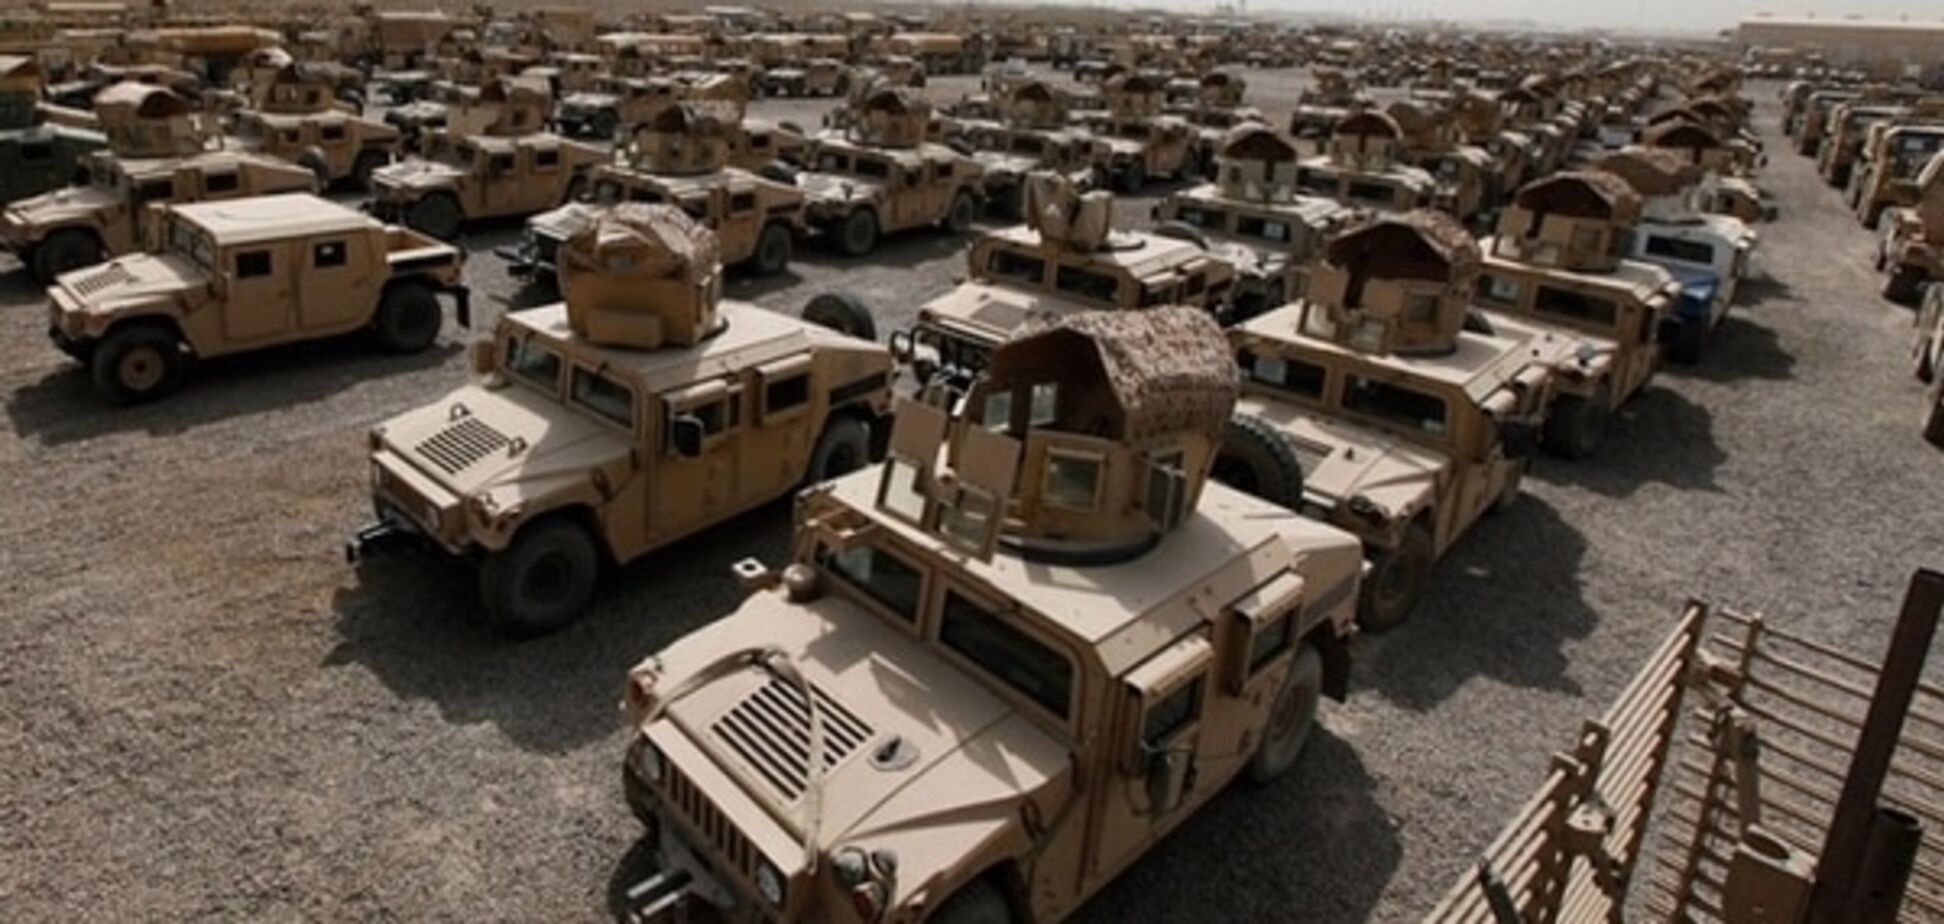 Пластиковые окна и разрывающиеся шины: вместо военной техники США передали Украине мусор